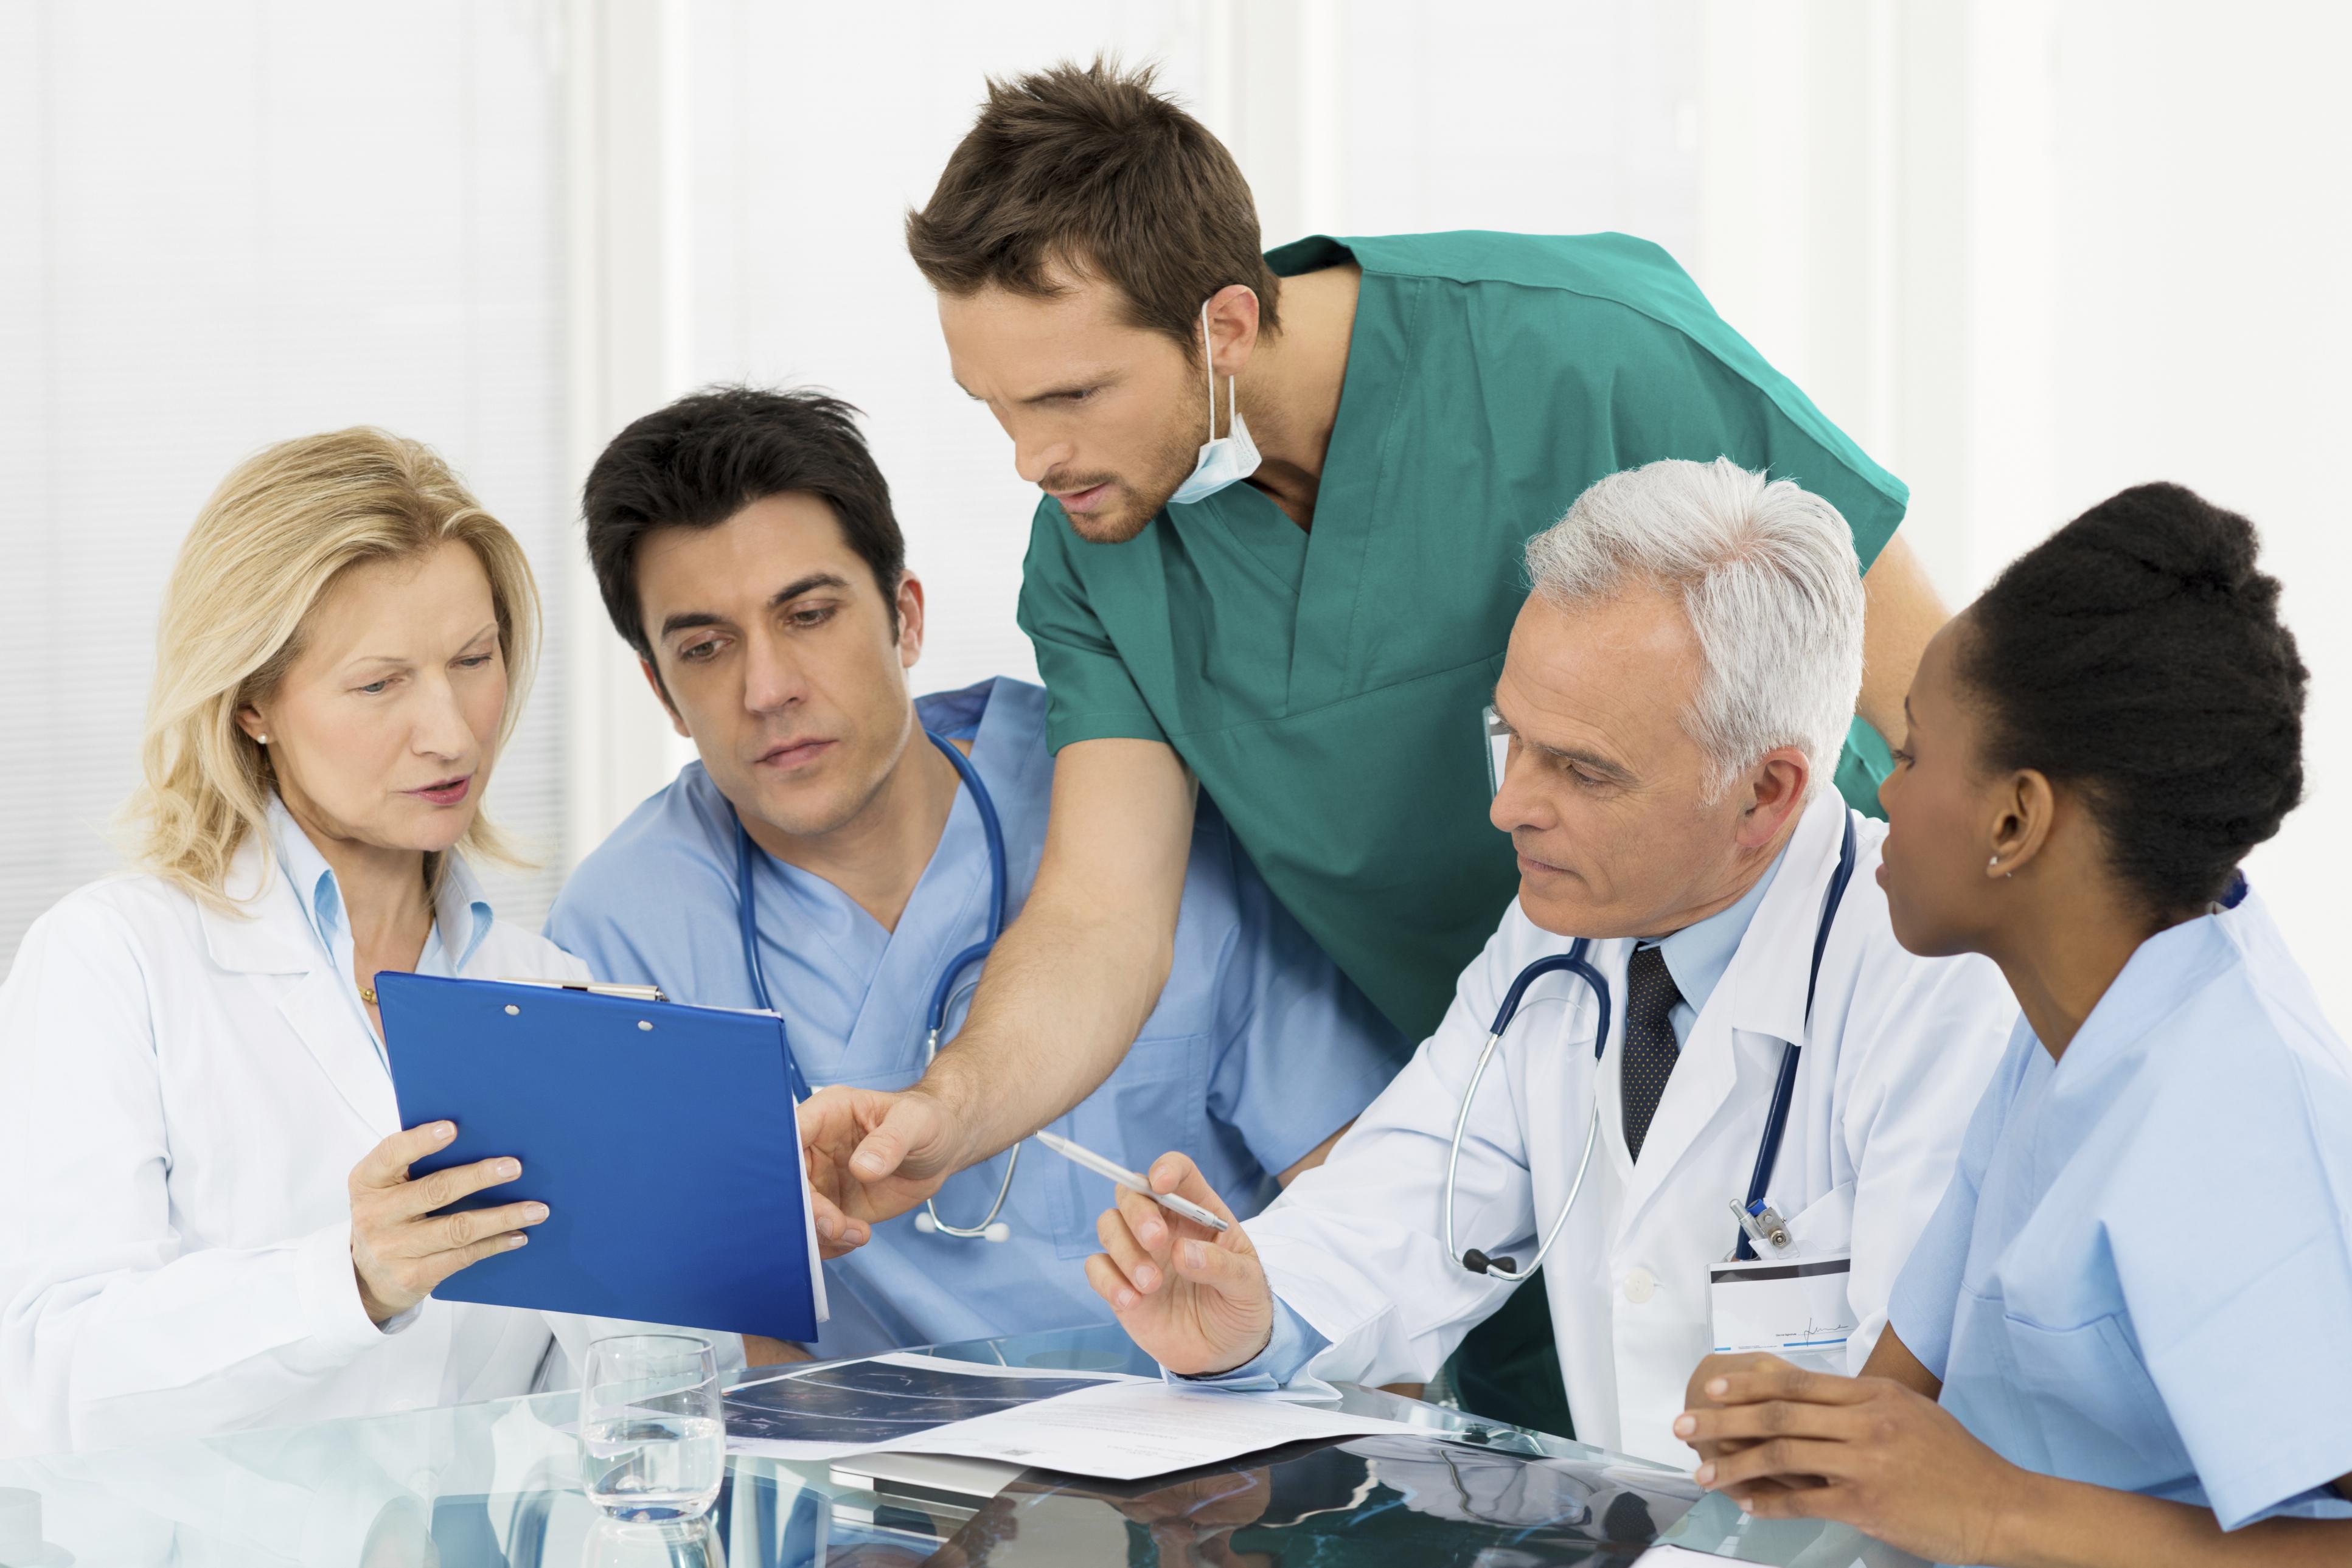 b c health care premiums